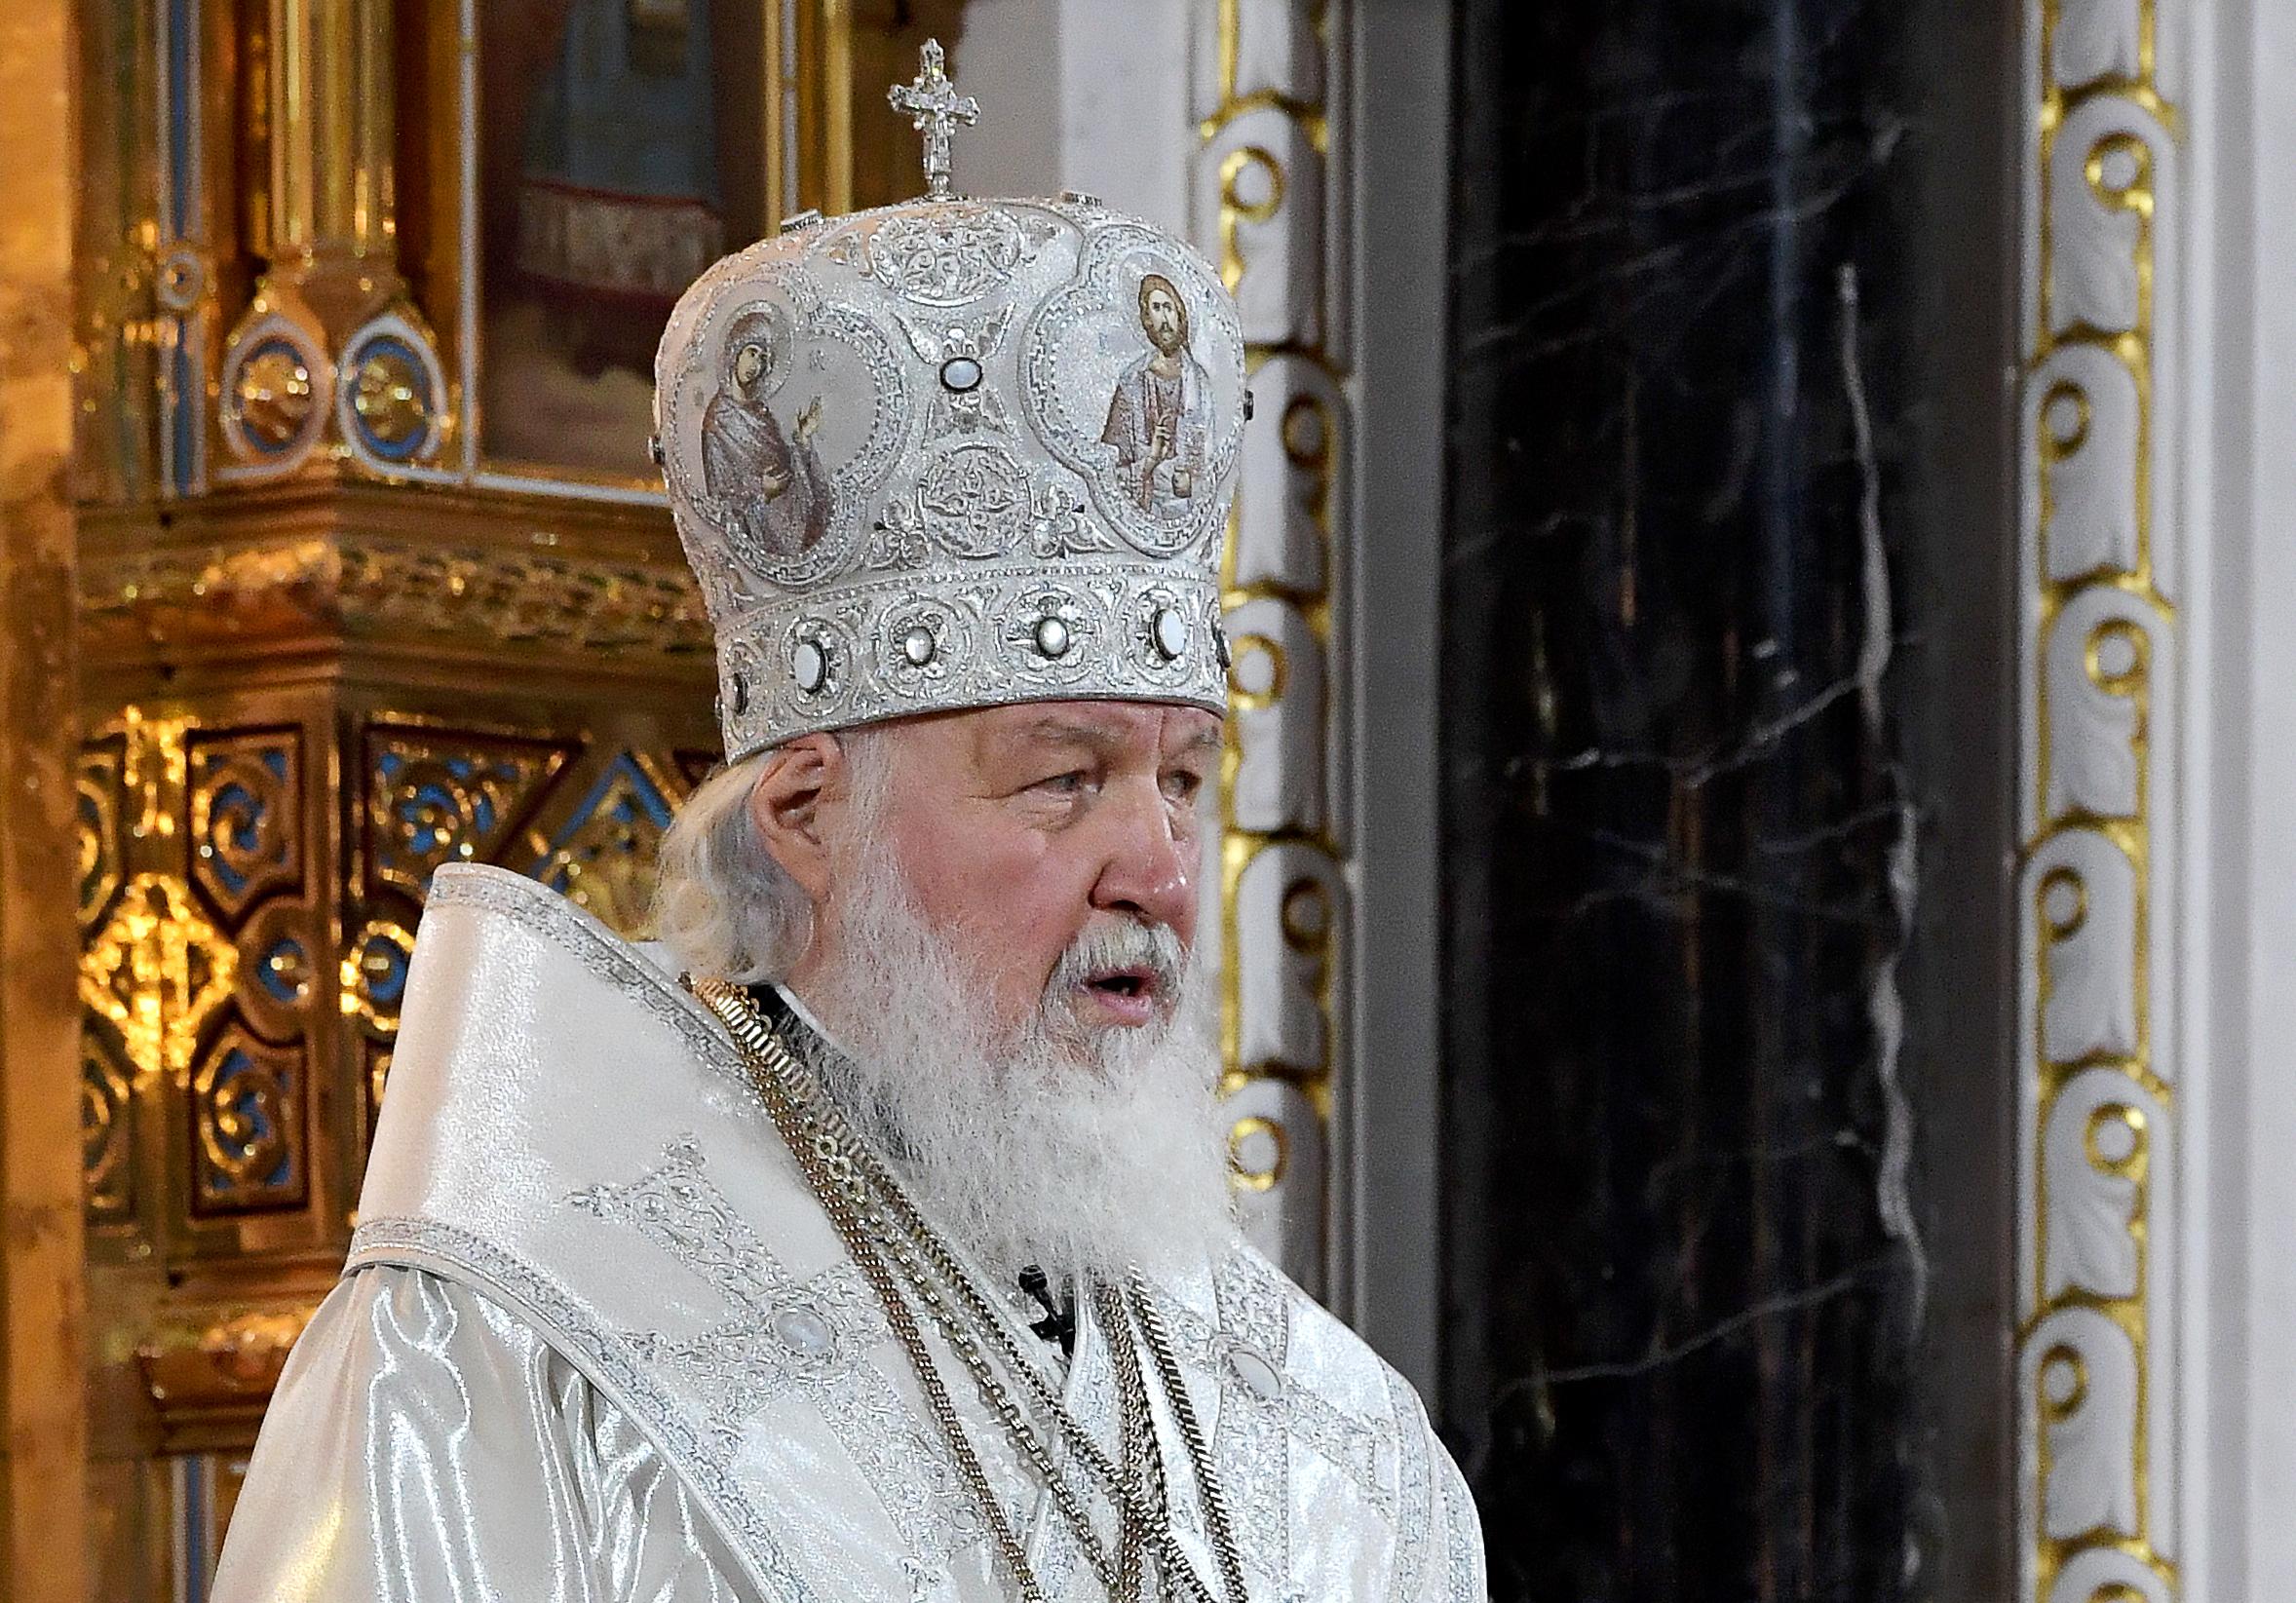 Патриарх Кирилл обратился к верующим с пасхальным посланием и рассказал о трёх уроках пандемии